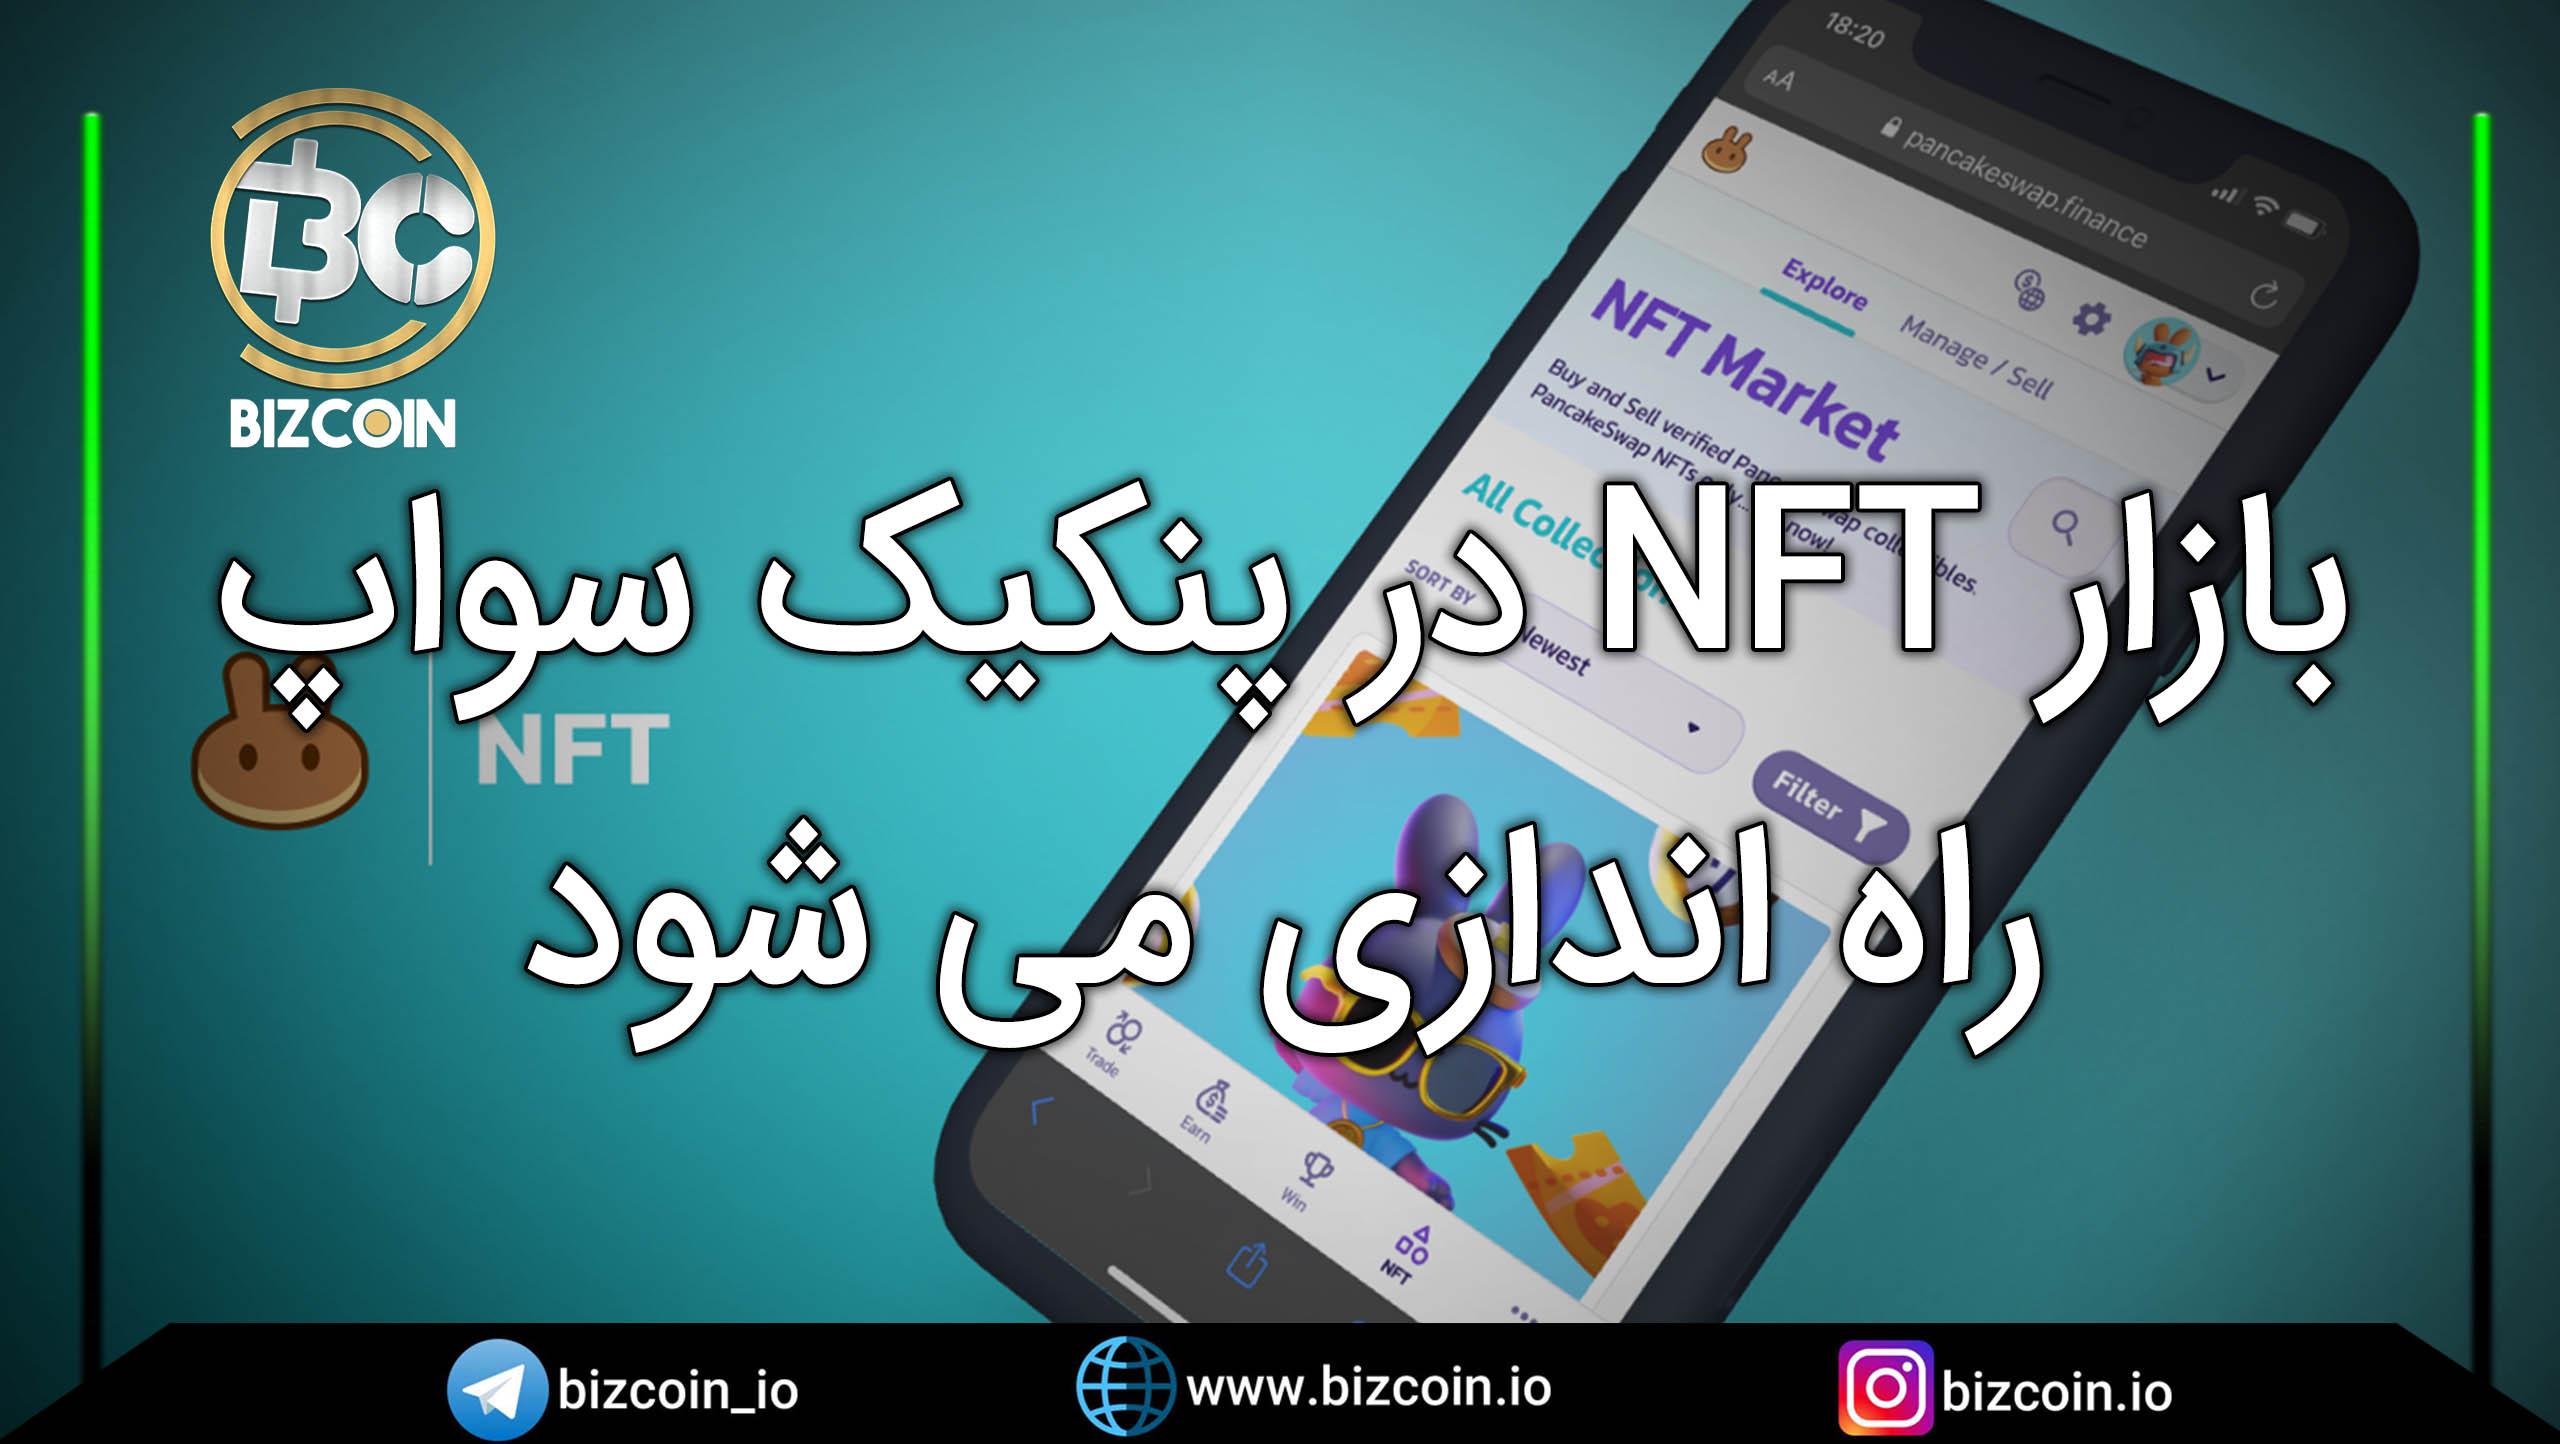 NFT market launches in Pancakeswap بازار NFT در پنکیک سواپ راه اندازی می شود